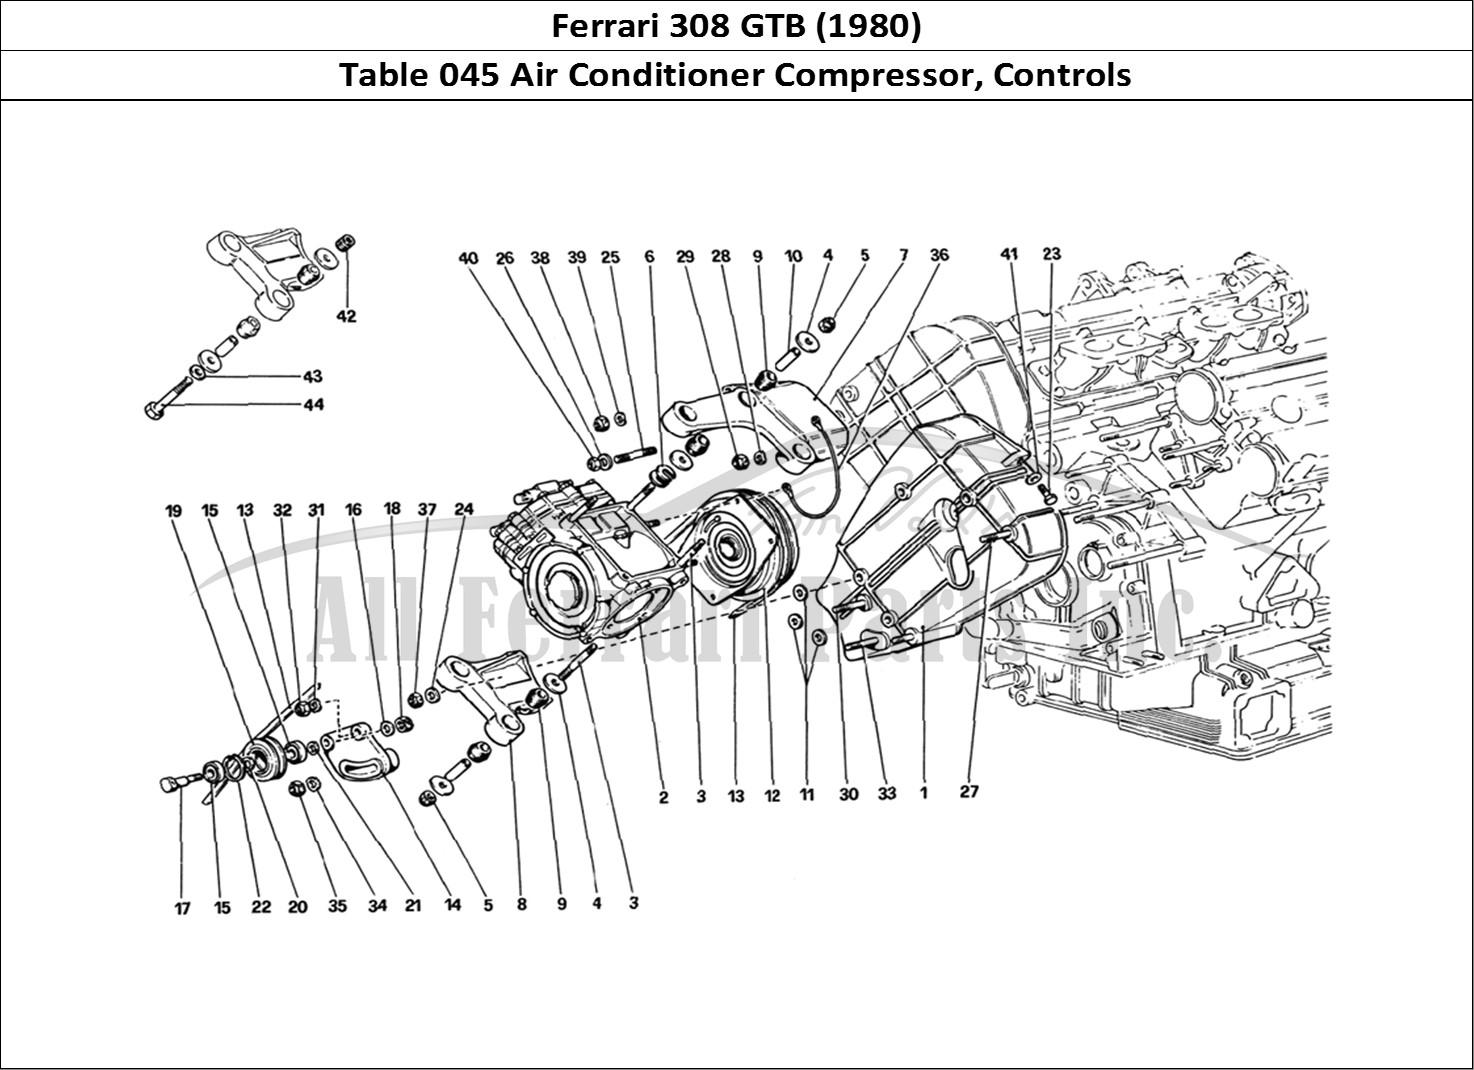 Buy original Ferrari 308 GTB (1980) 045 Air Conditioner